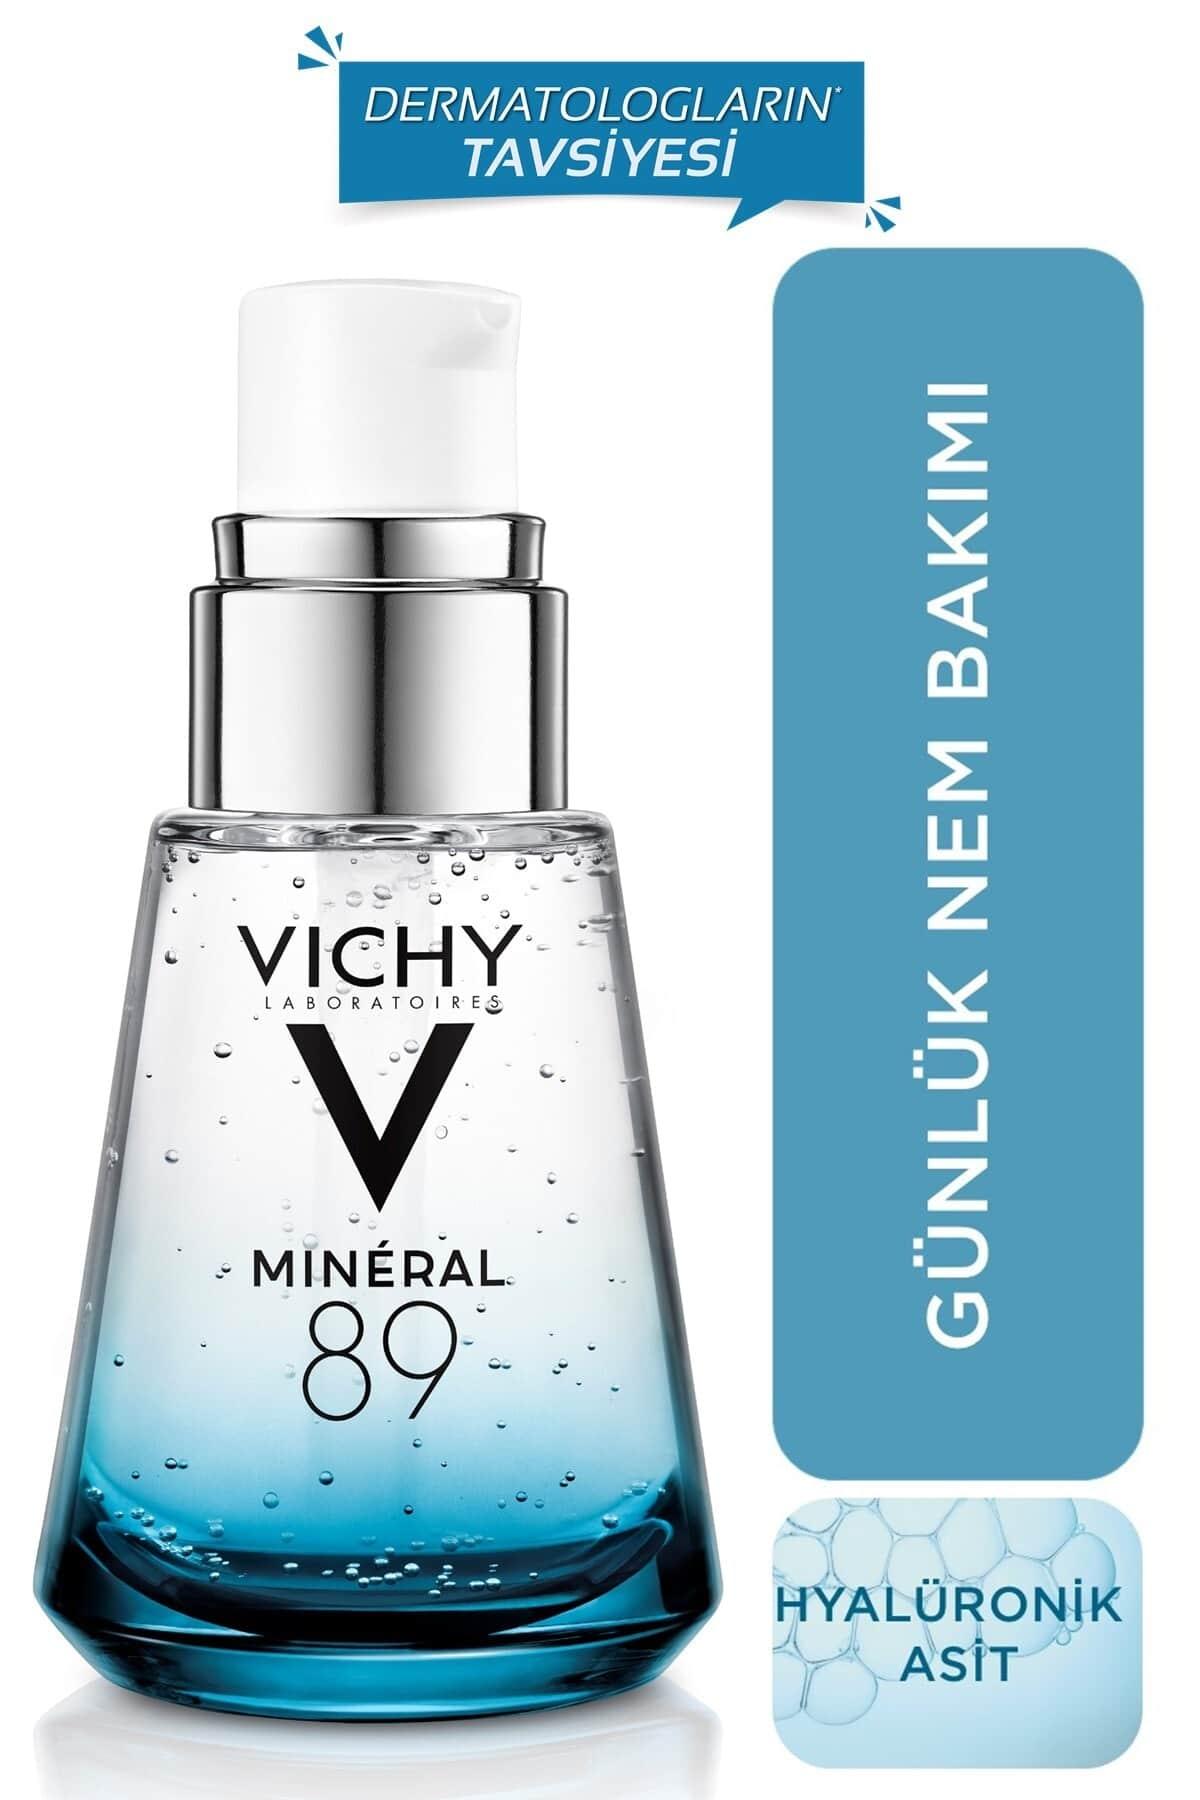 Vichy Mineral 89 Nemlendirici Cilt Serumu